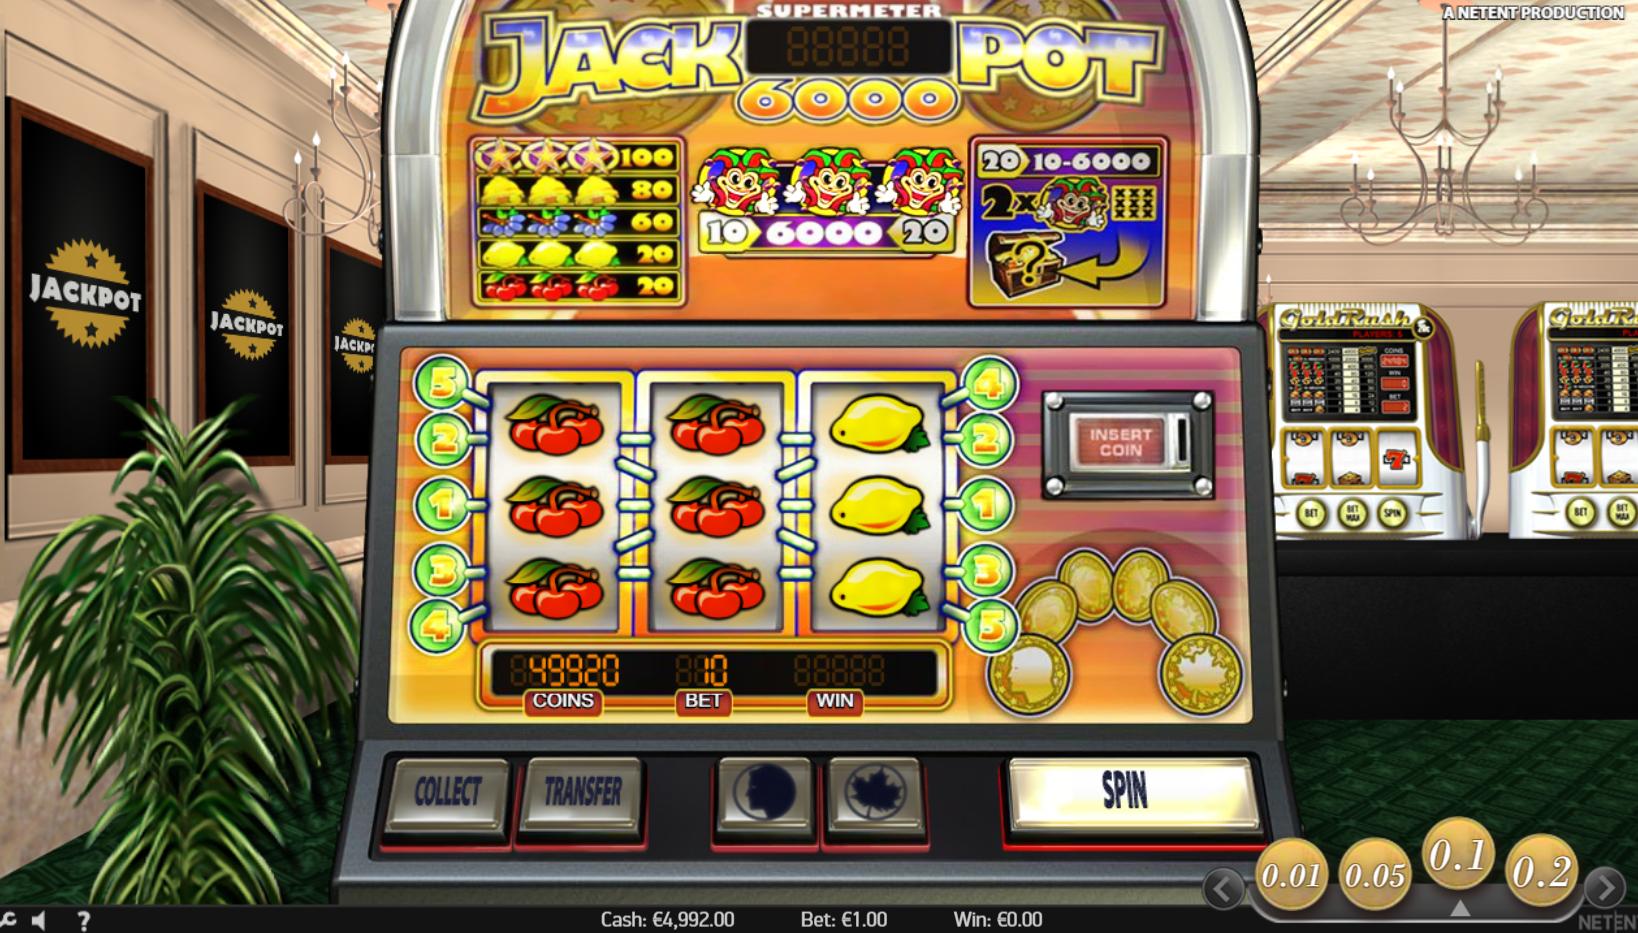 игровые автоматы джекпот бесплатно играть онлайн